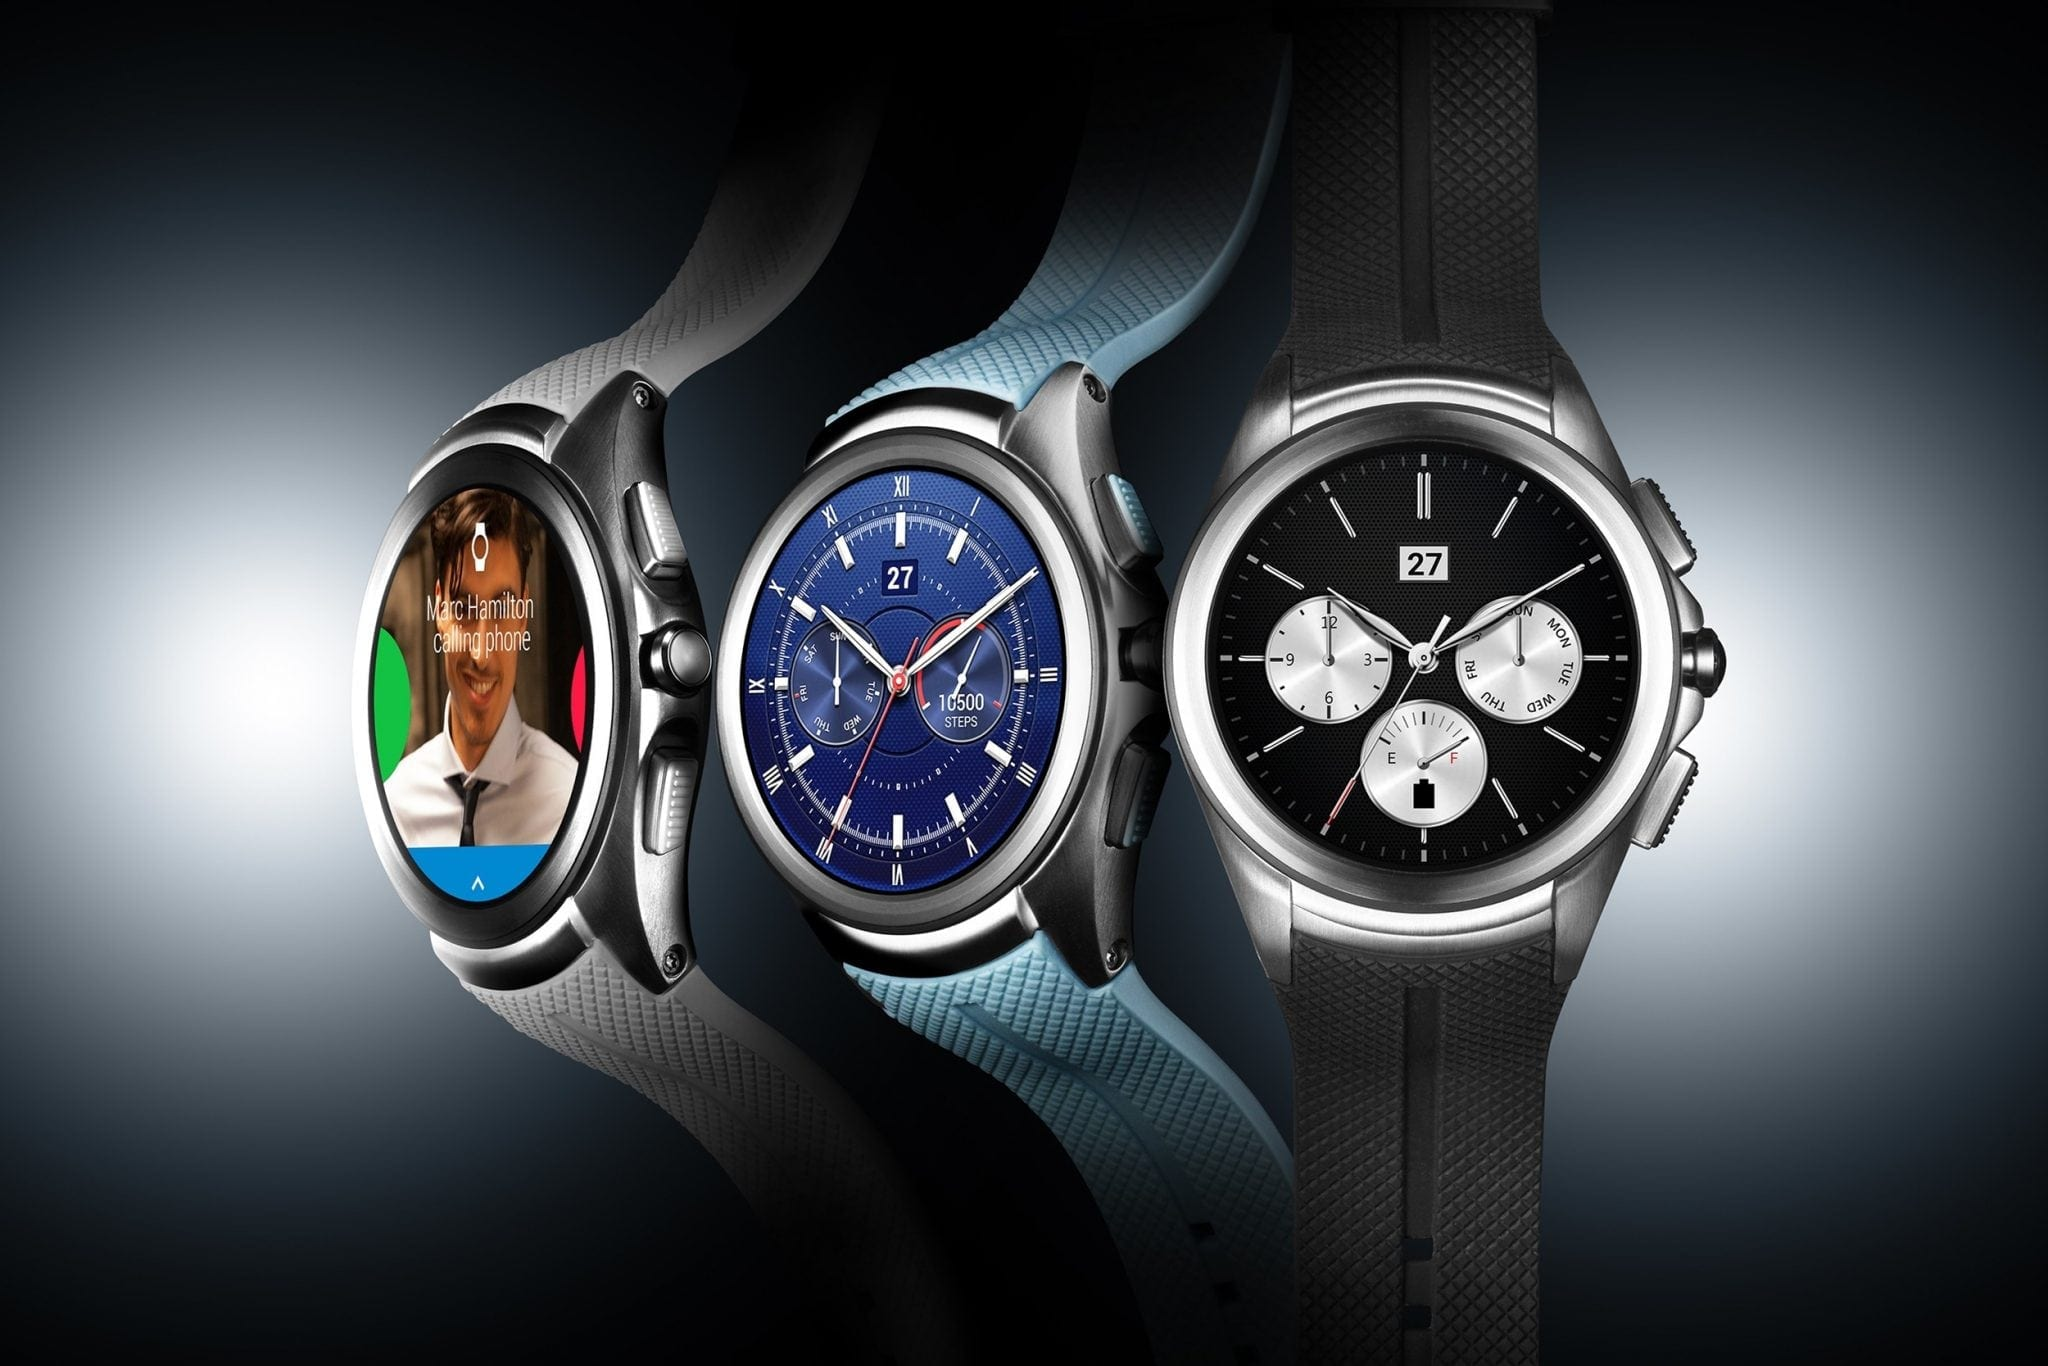 LG a început livrările pentru ceasul inteligent Watch Urbane 2nd Edition